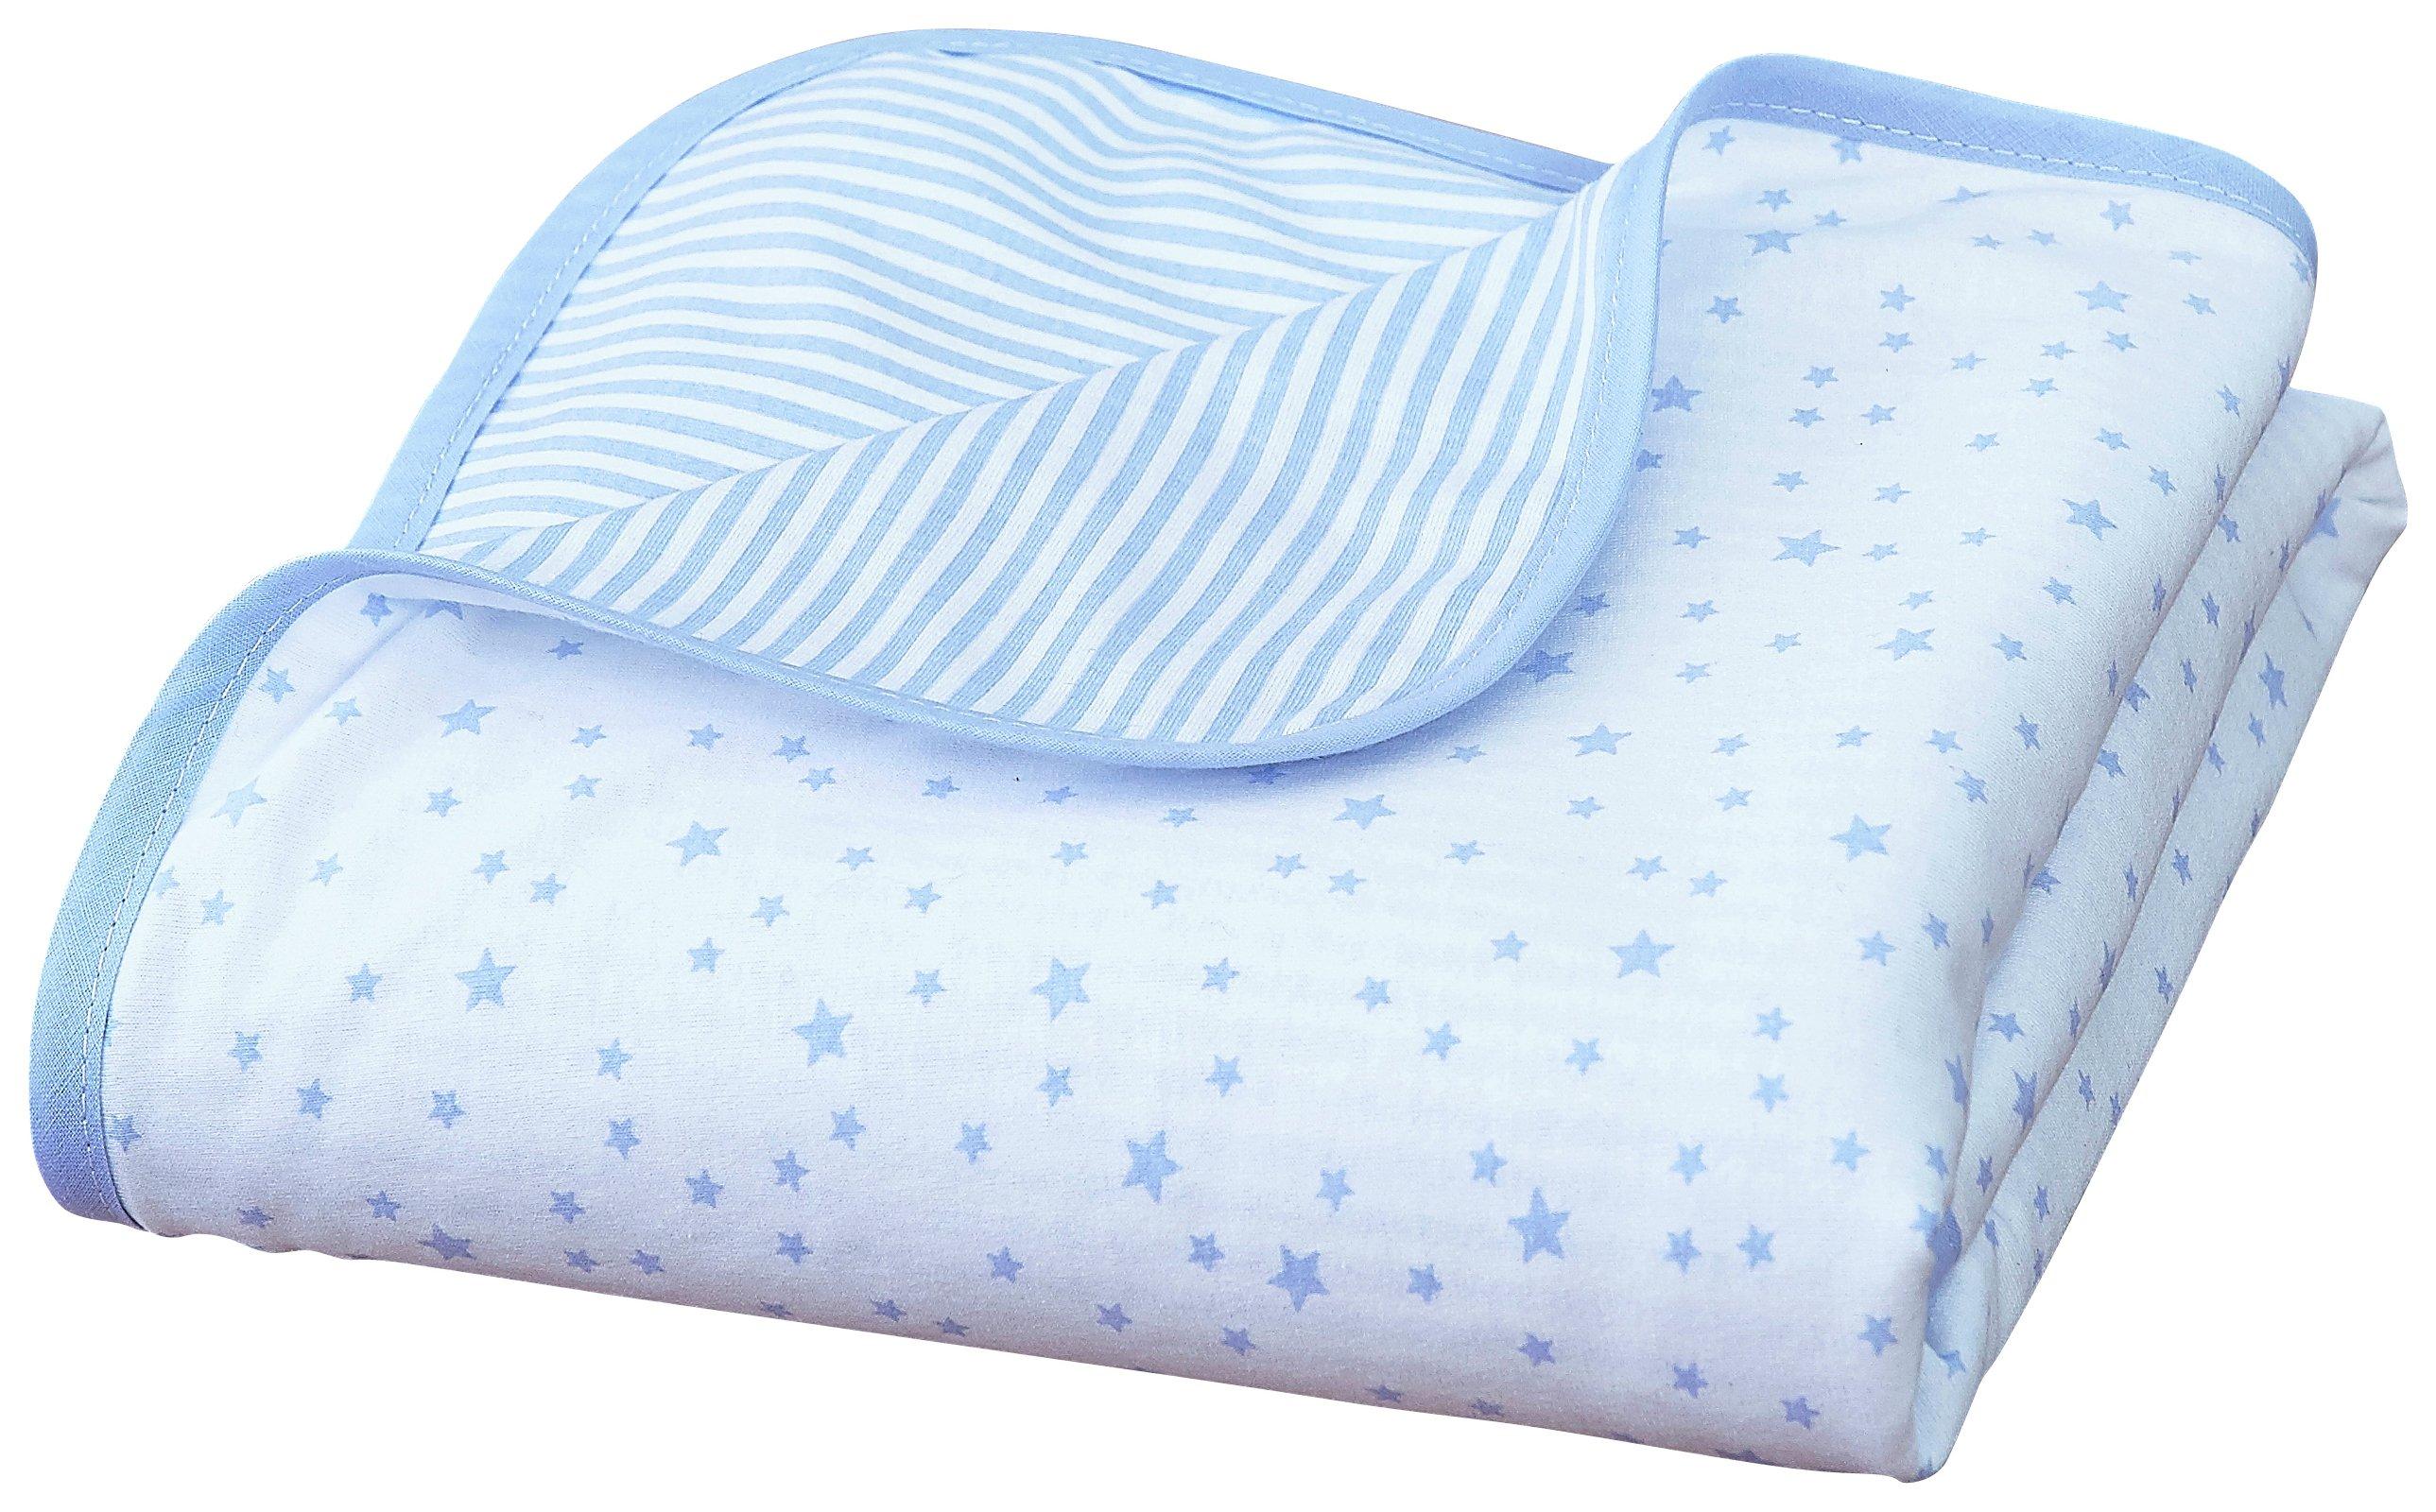 Clair De Lune Stars & Stripes Cot Blanket -  Blue